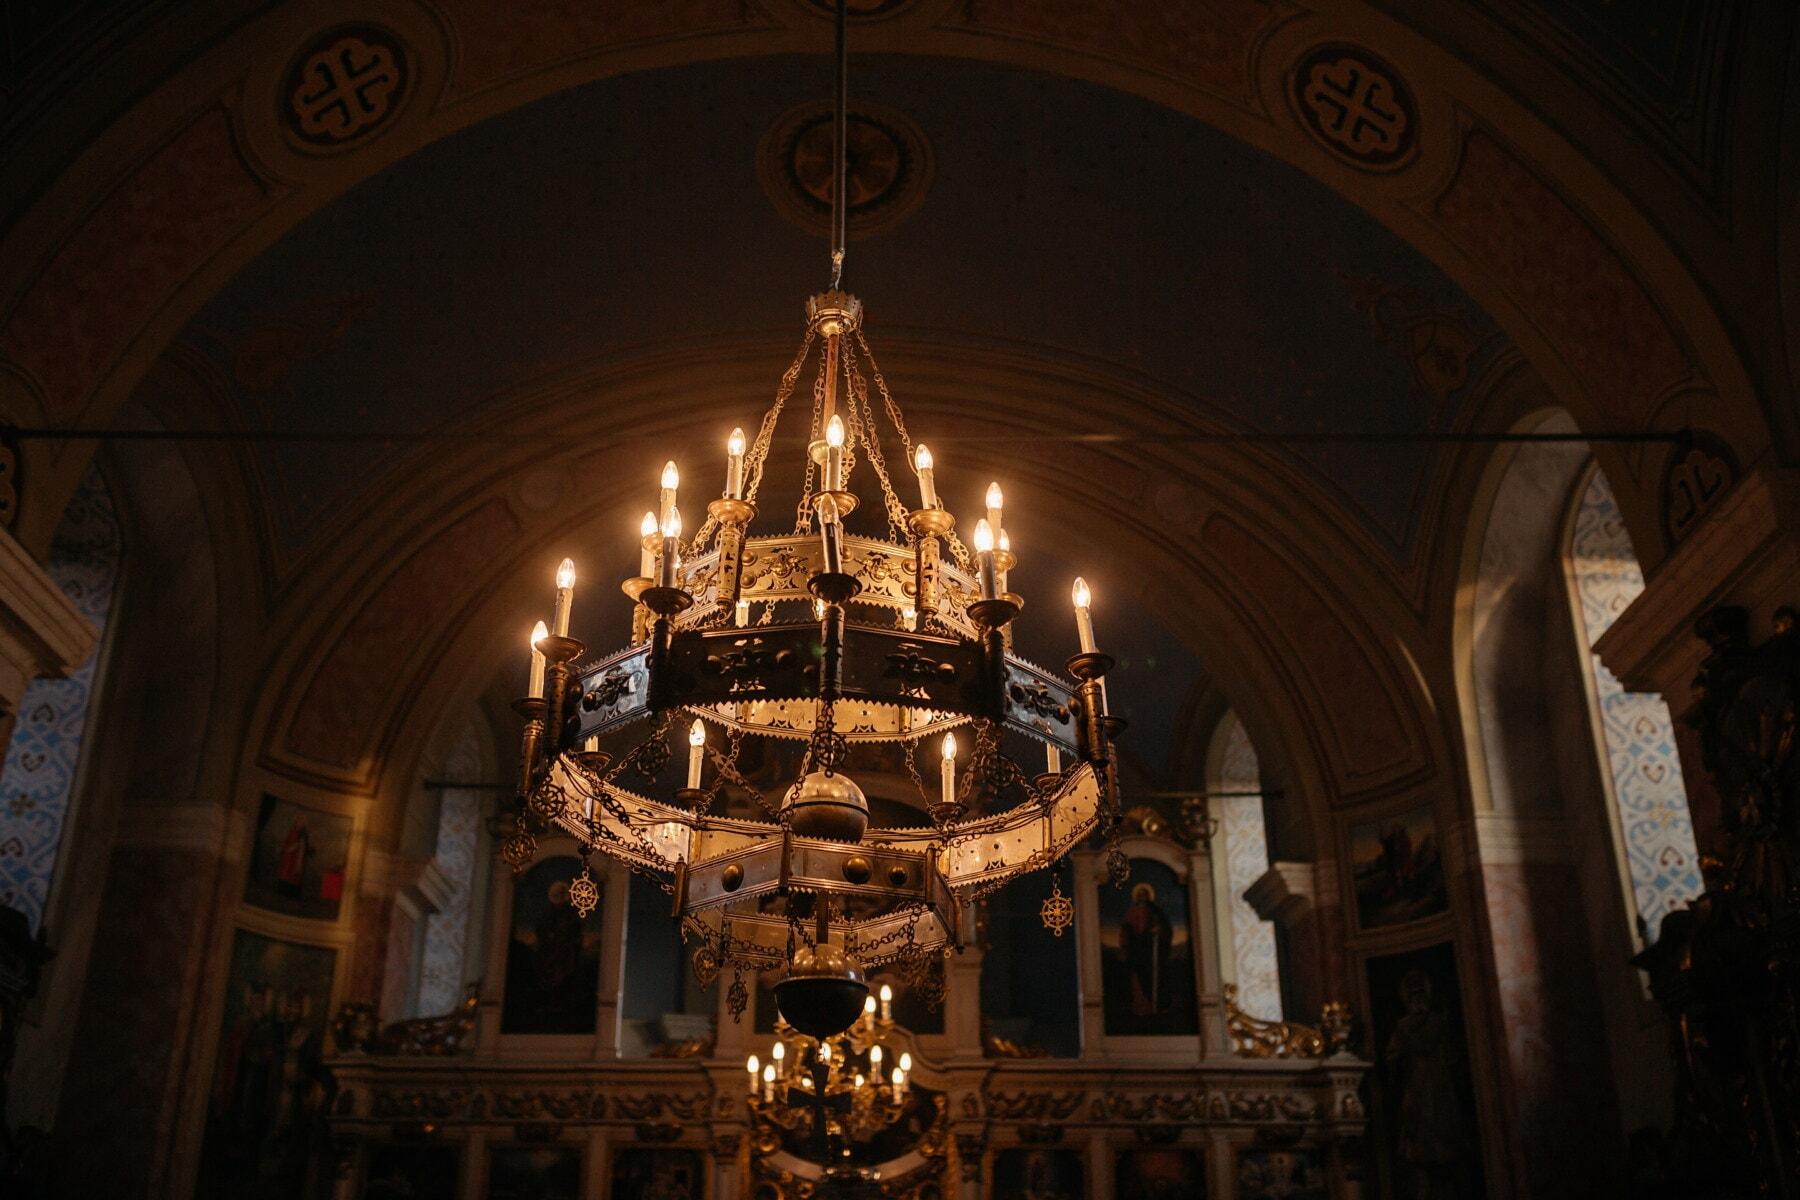 полилей, църква, духовност, тъмнината, осветление, дух, олтар, християнството, поклонение, Свети